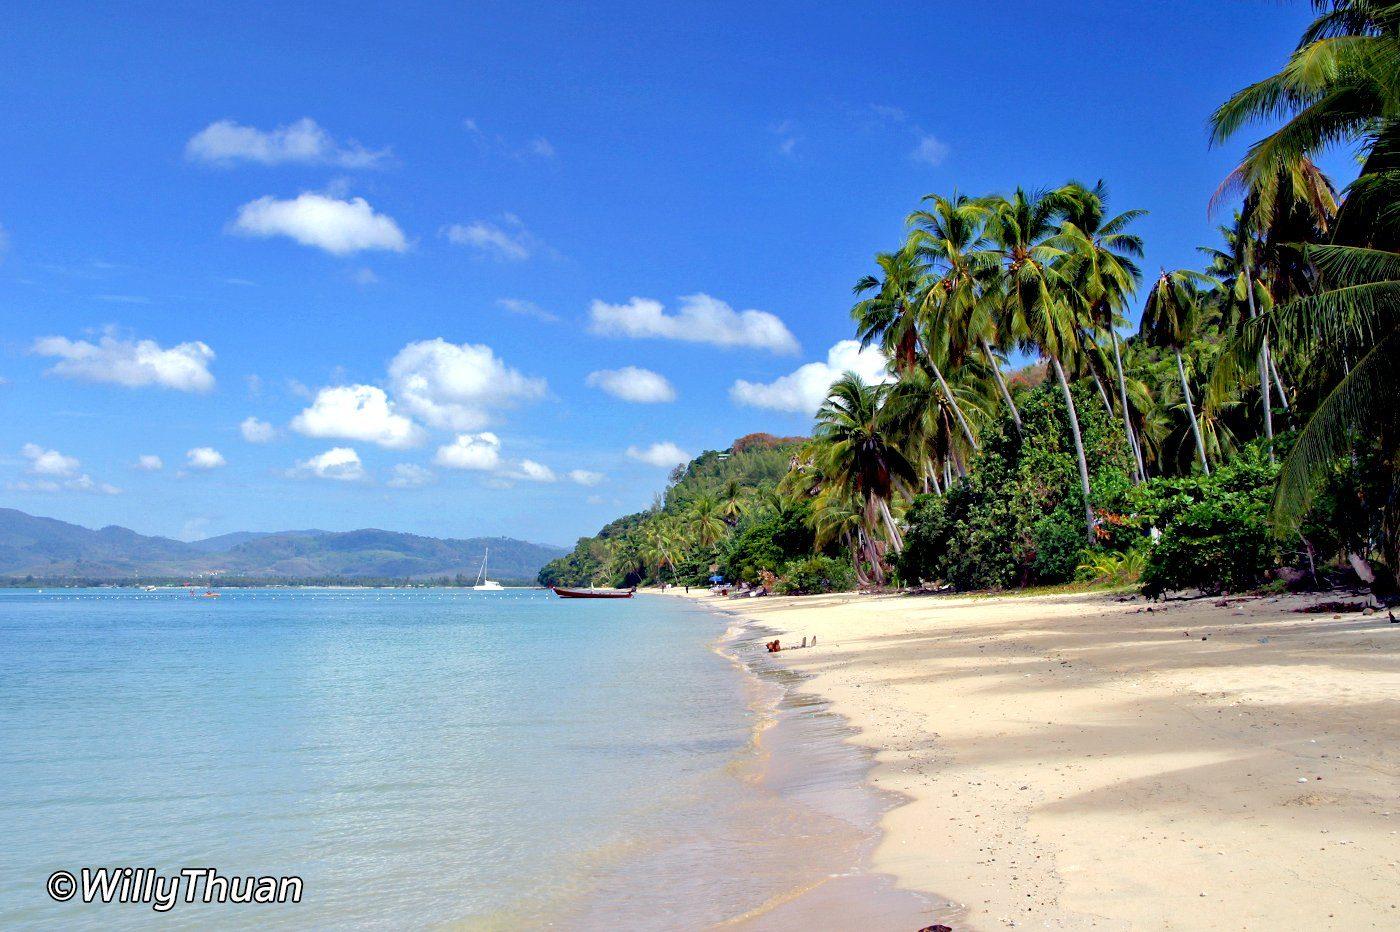 Panwa Beach in Phuket